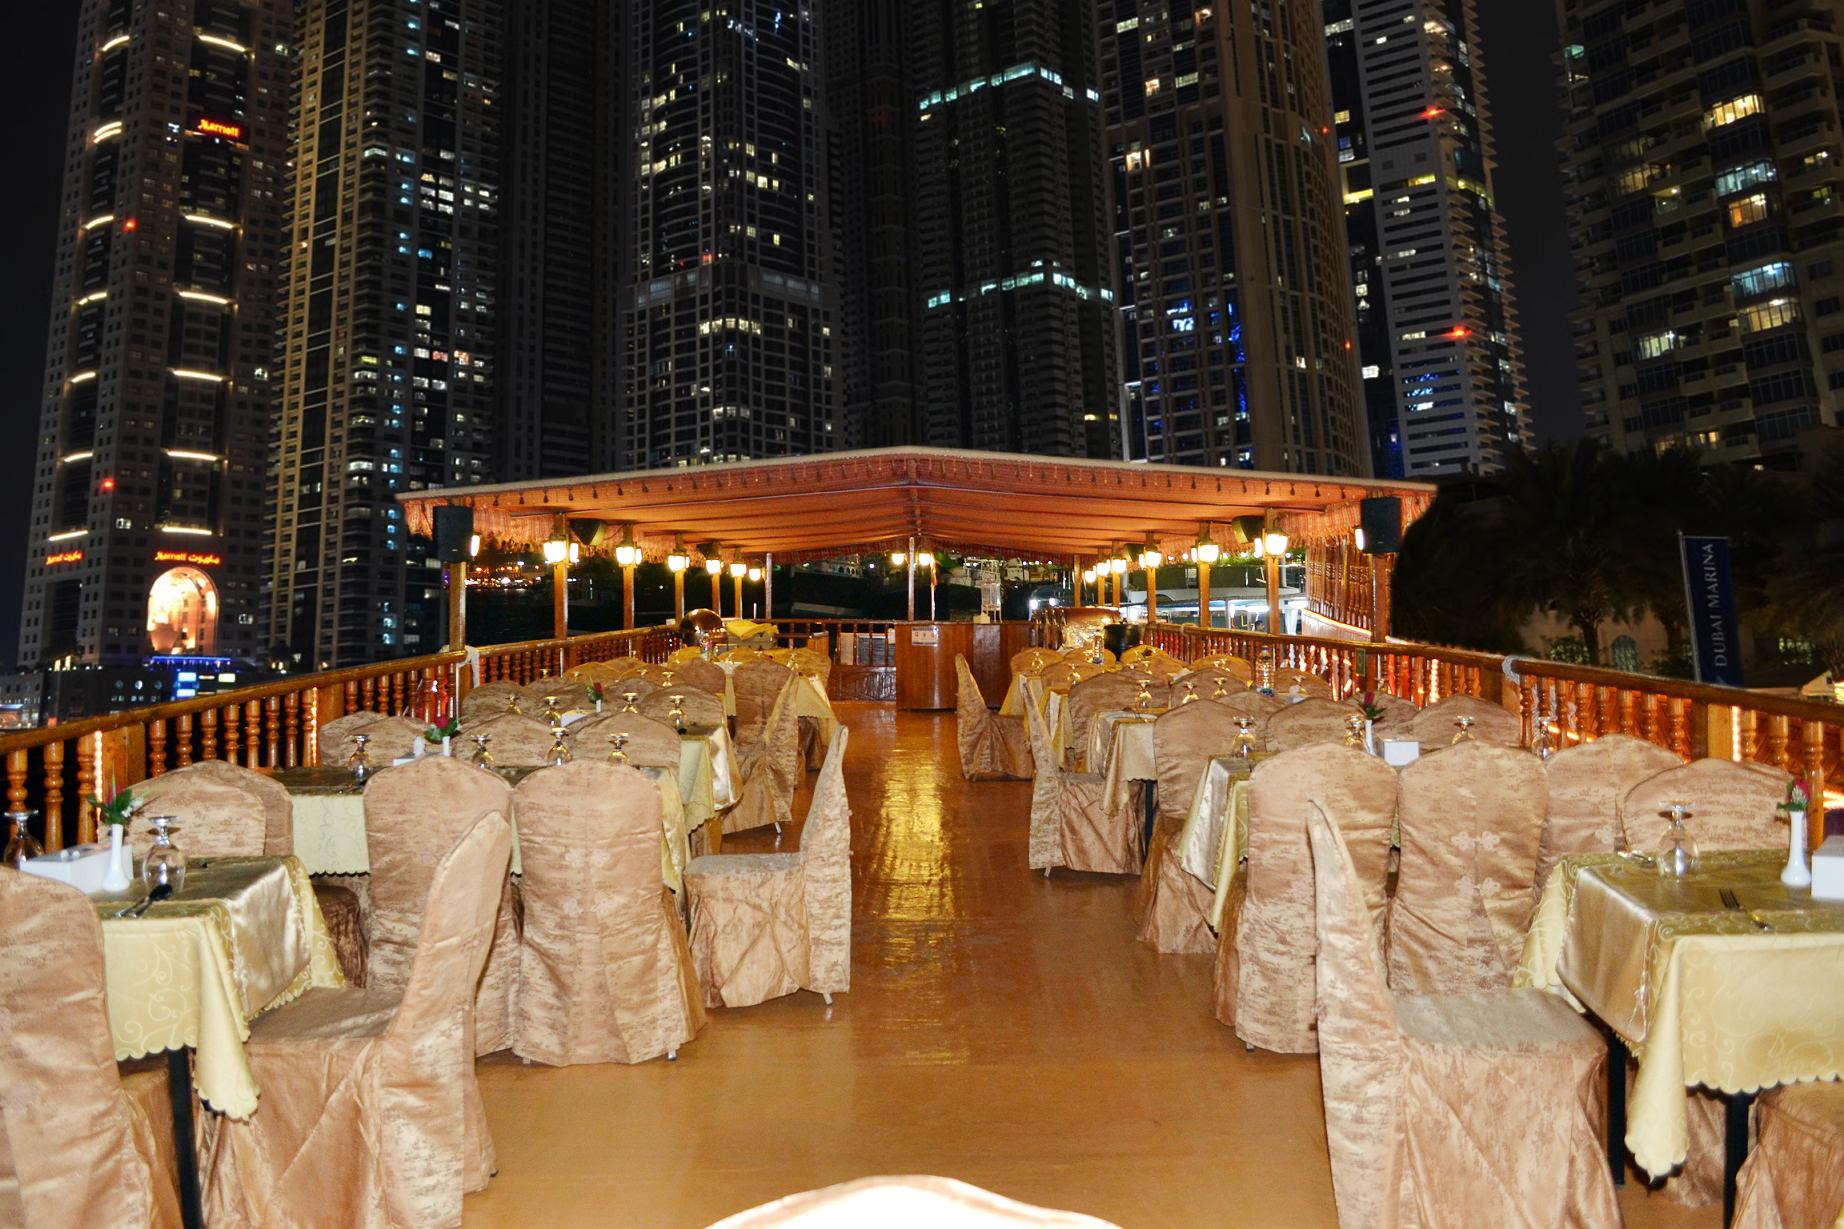 Ужин на арабской лодке Доу